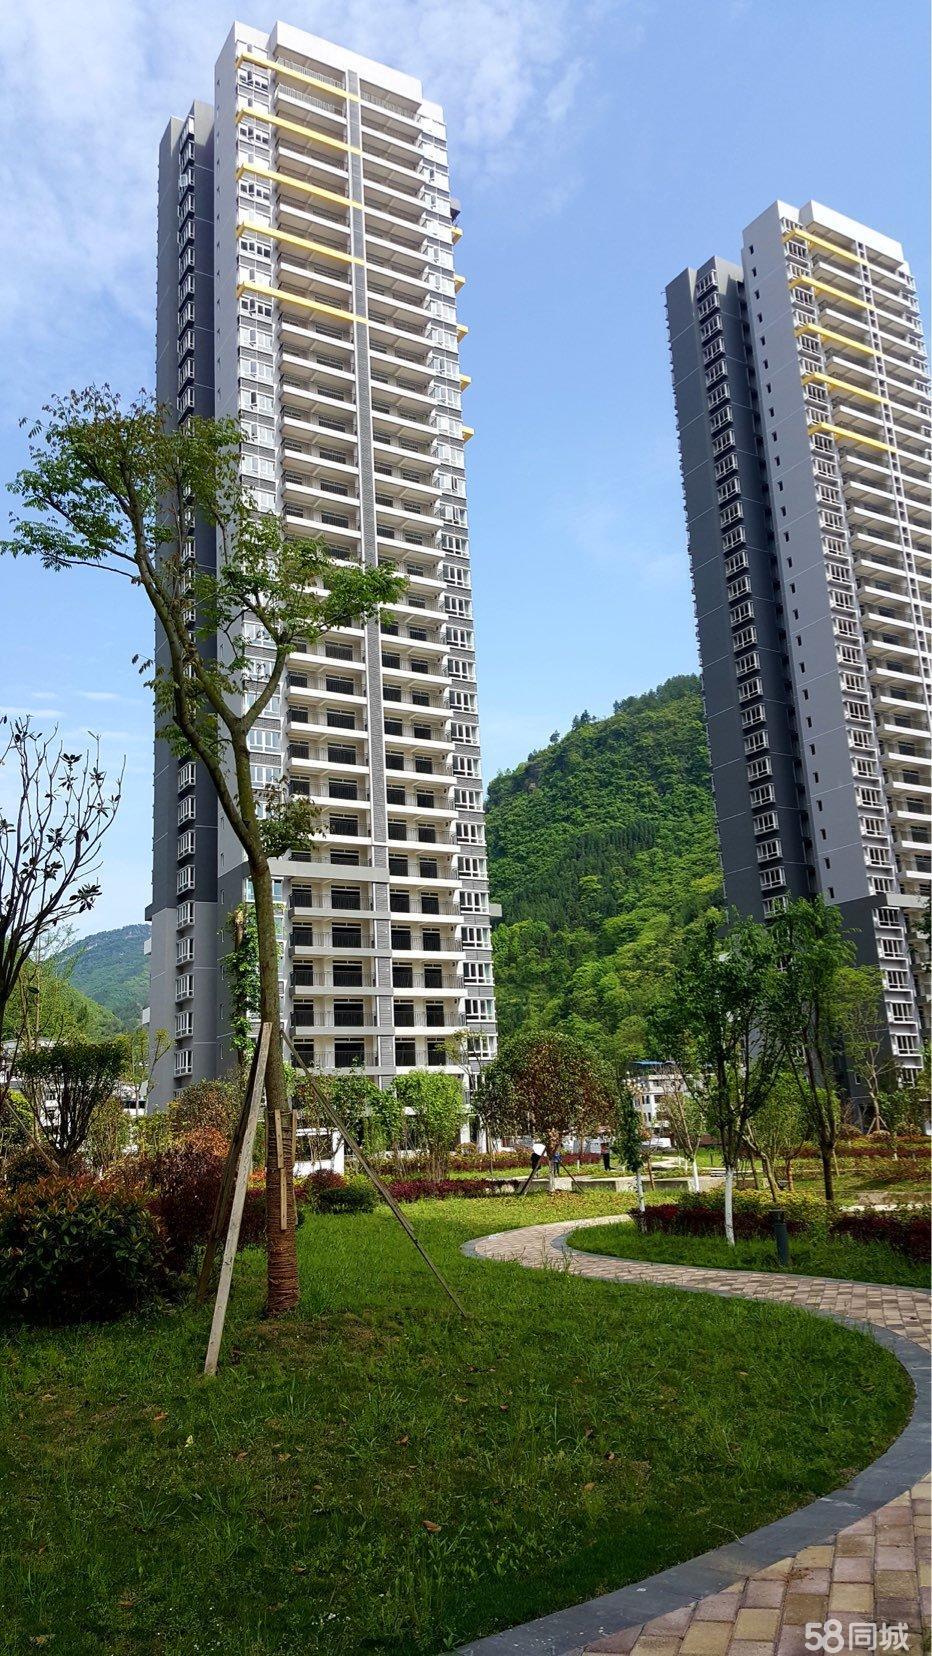 沿河高端住、江景房,学区房,高绿化小区宅